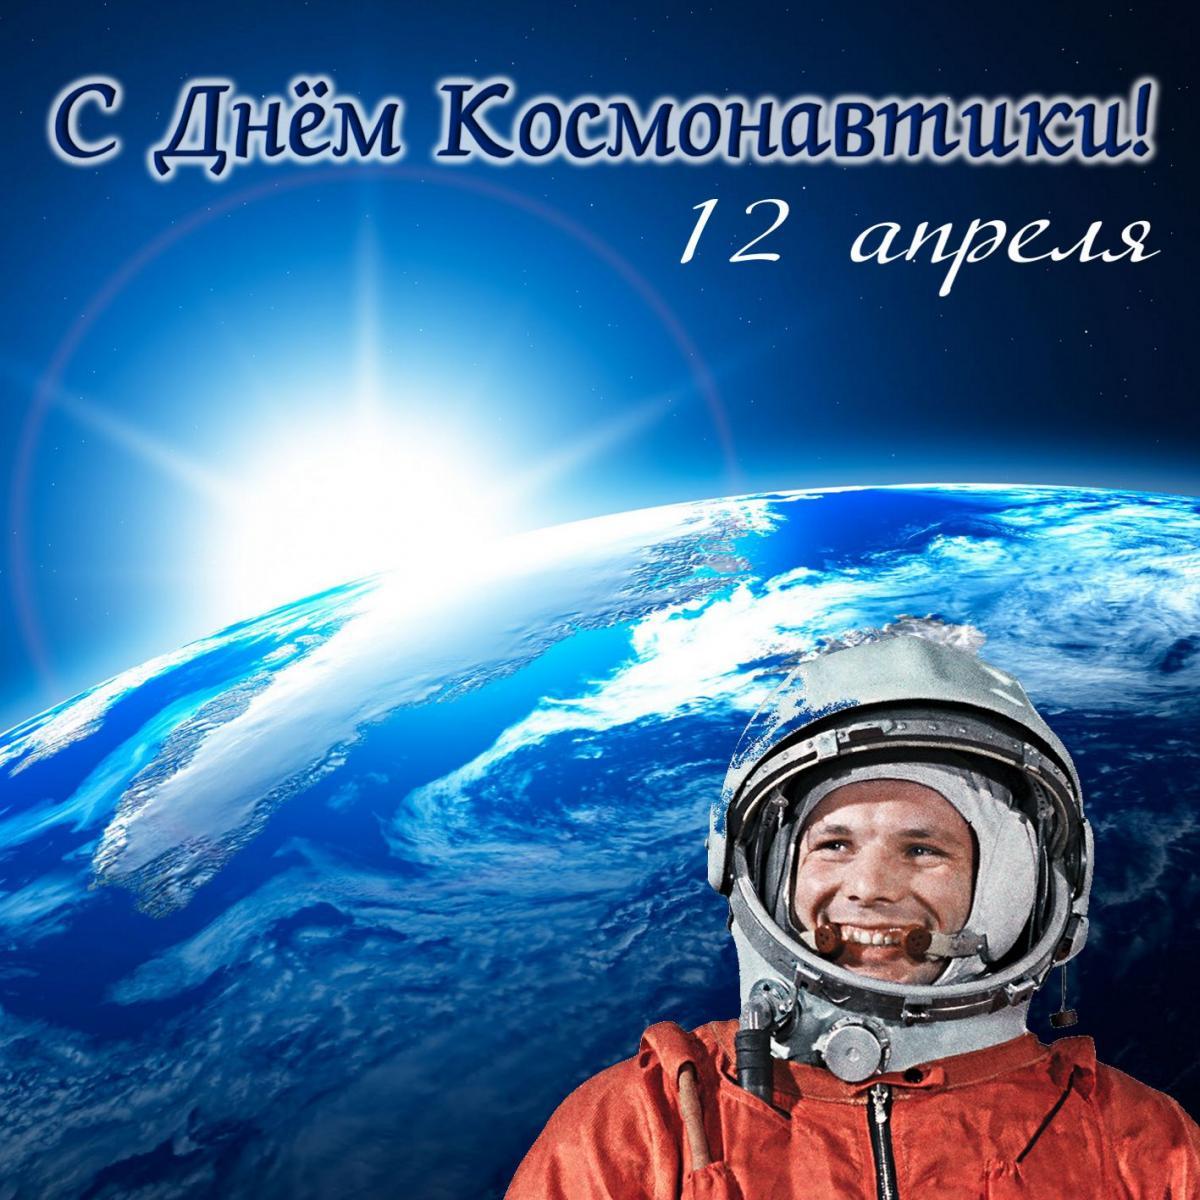 Сегодня в мире отмечается День космонавтики